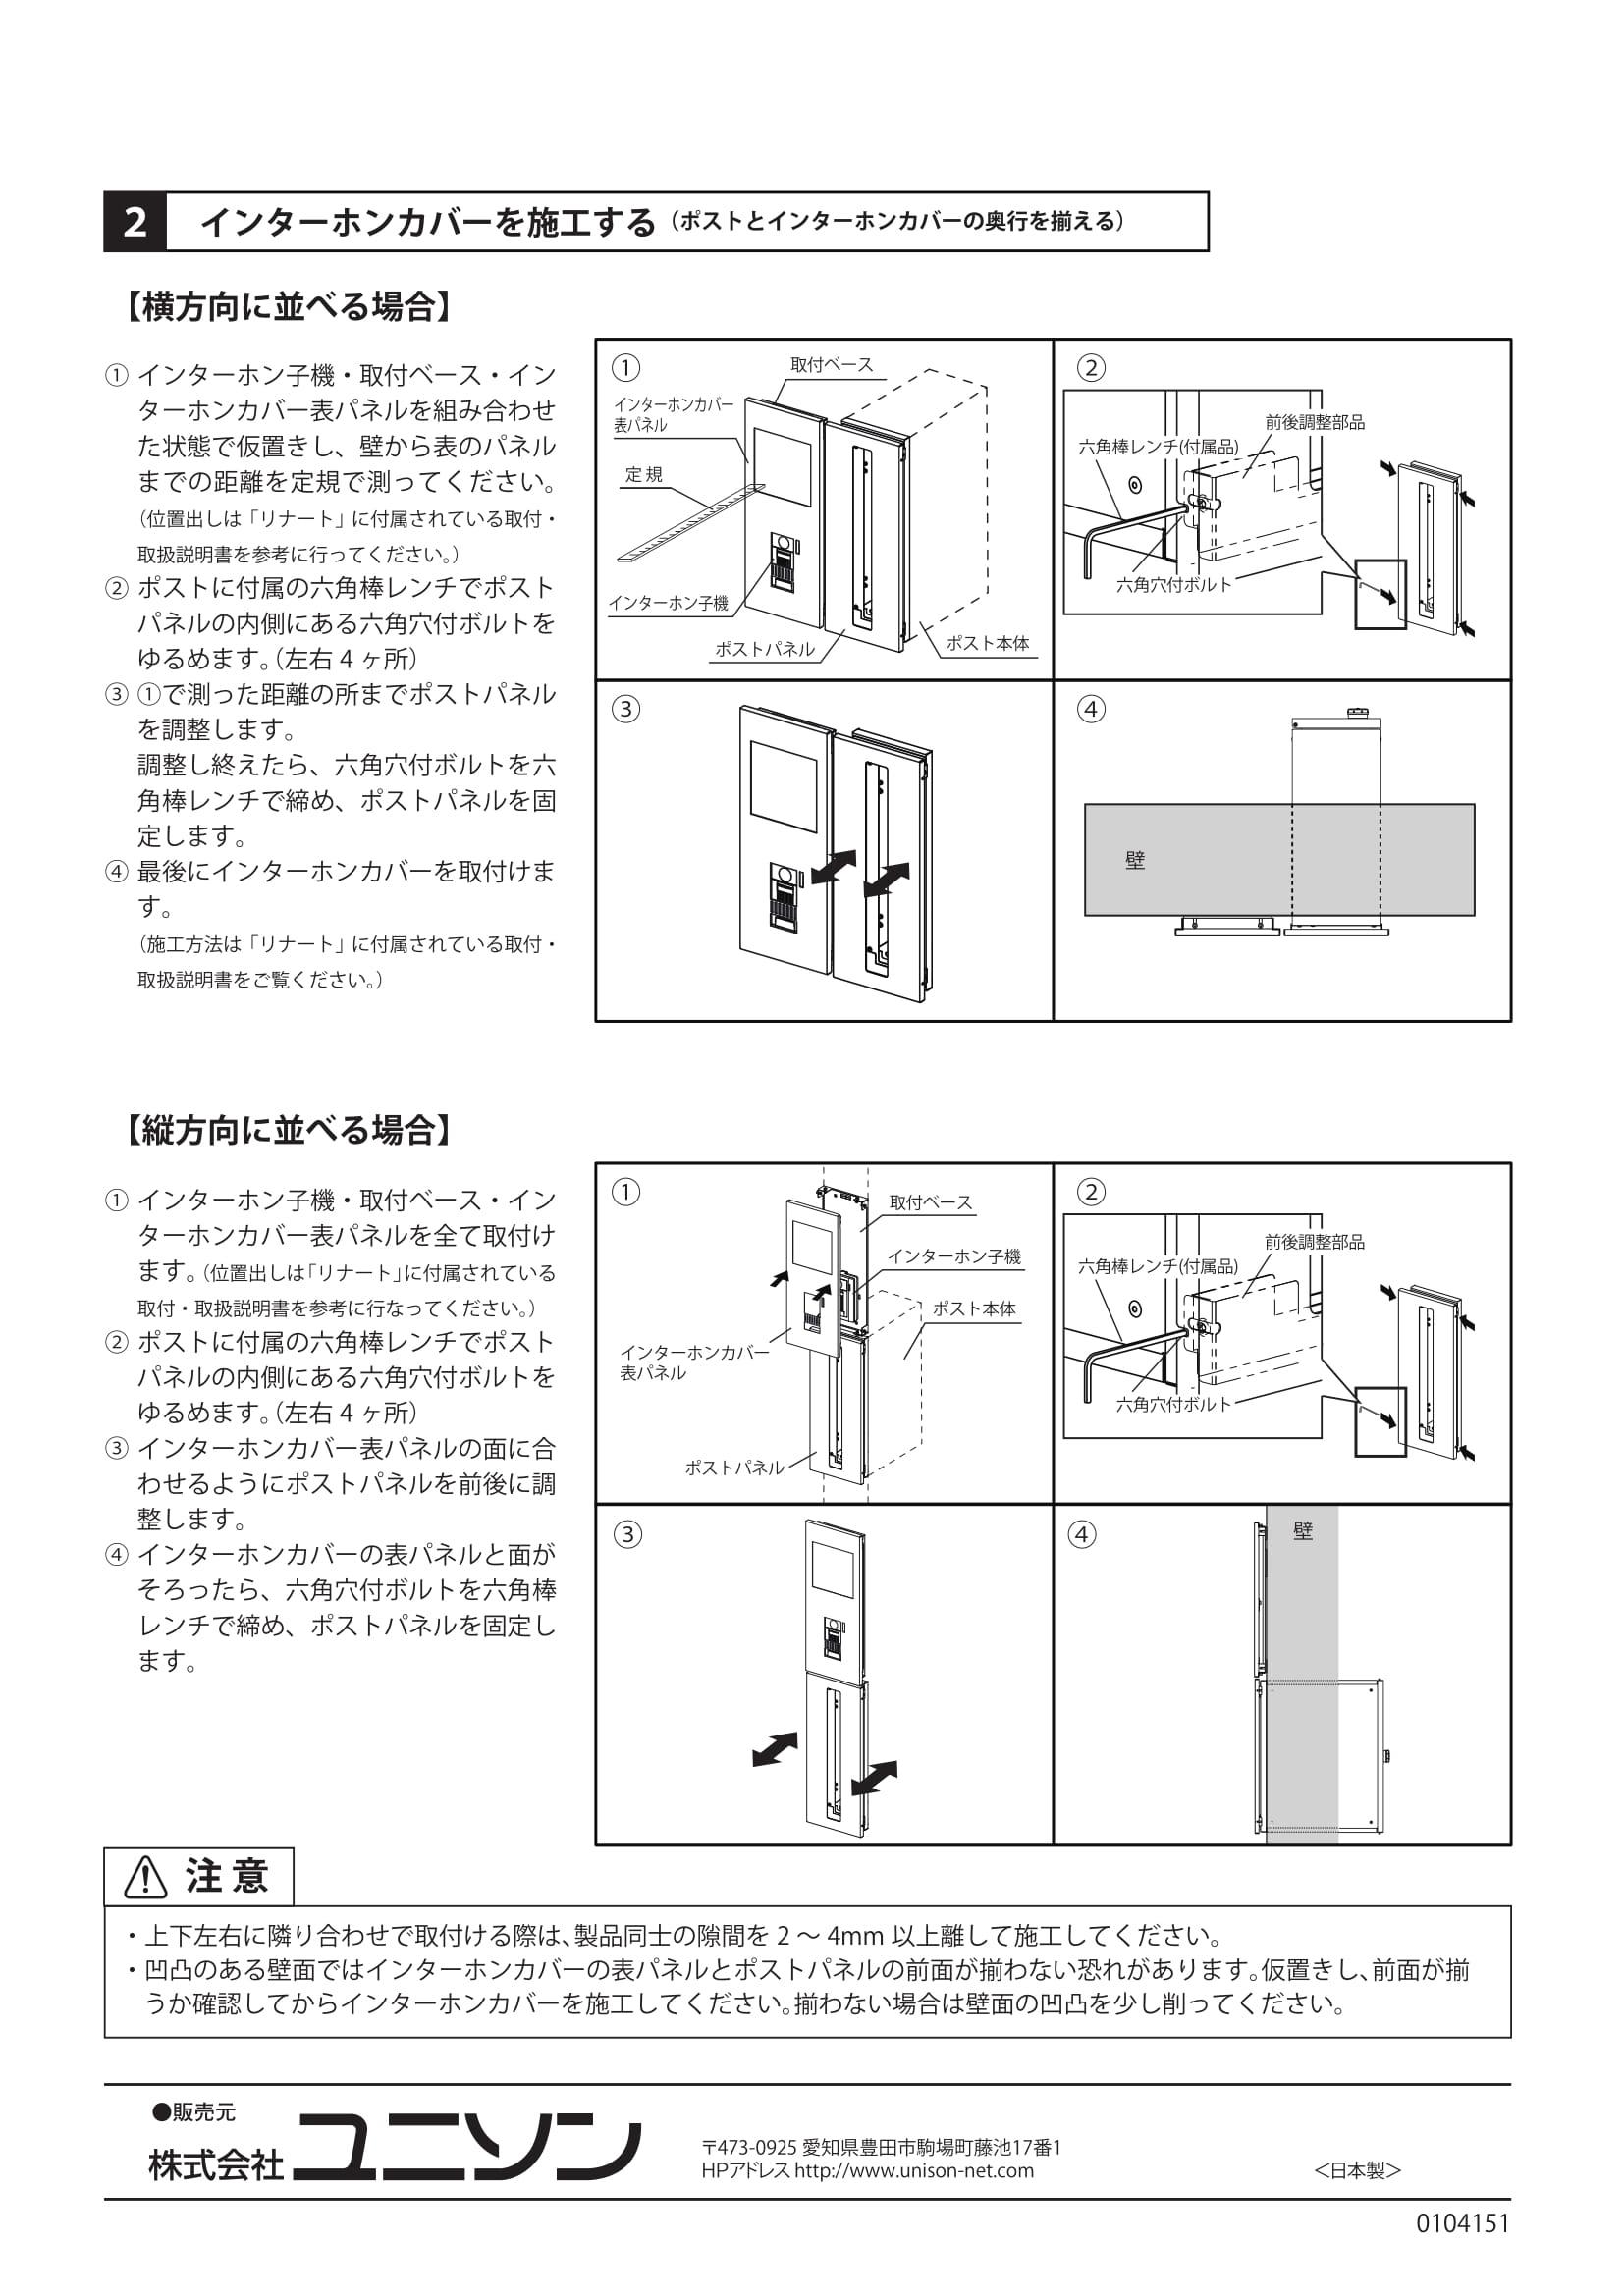 オストタテ_取扱説明書-6